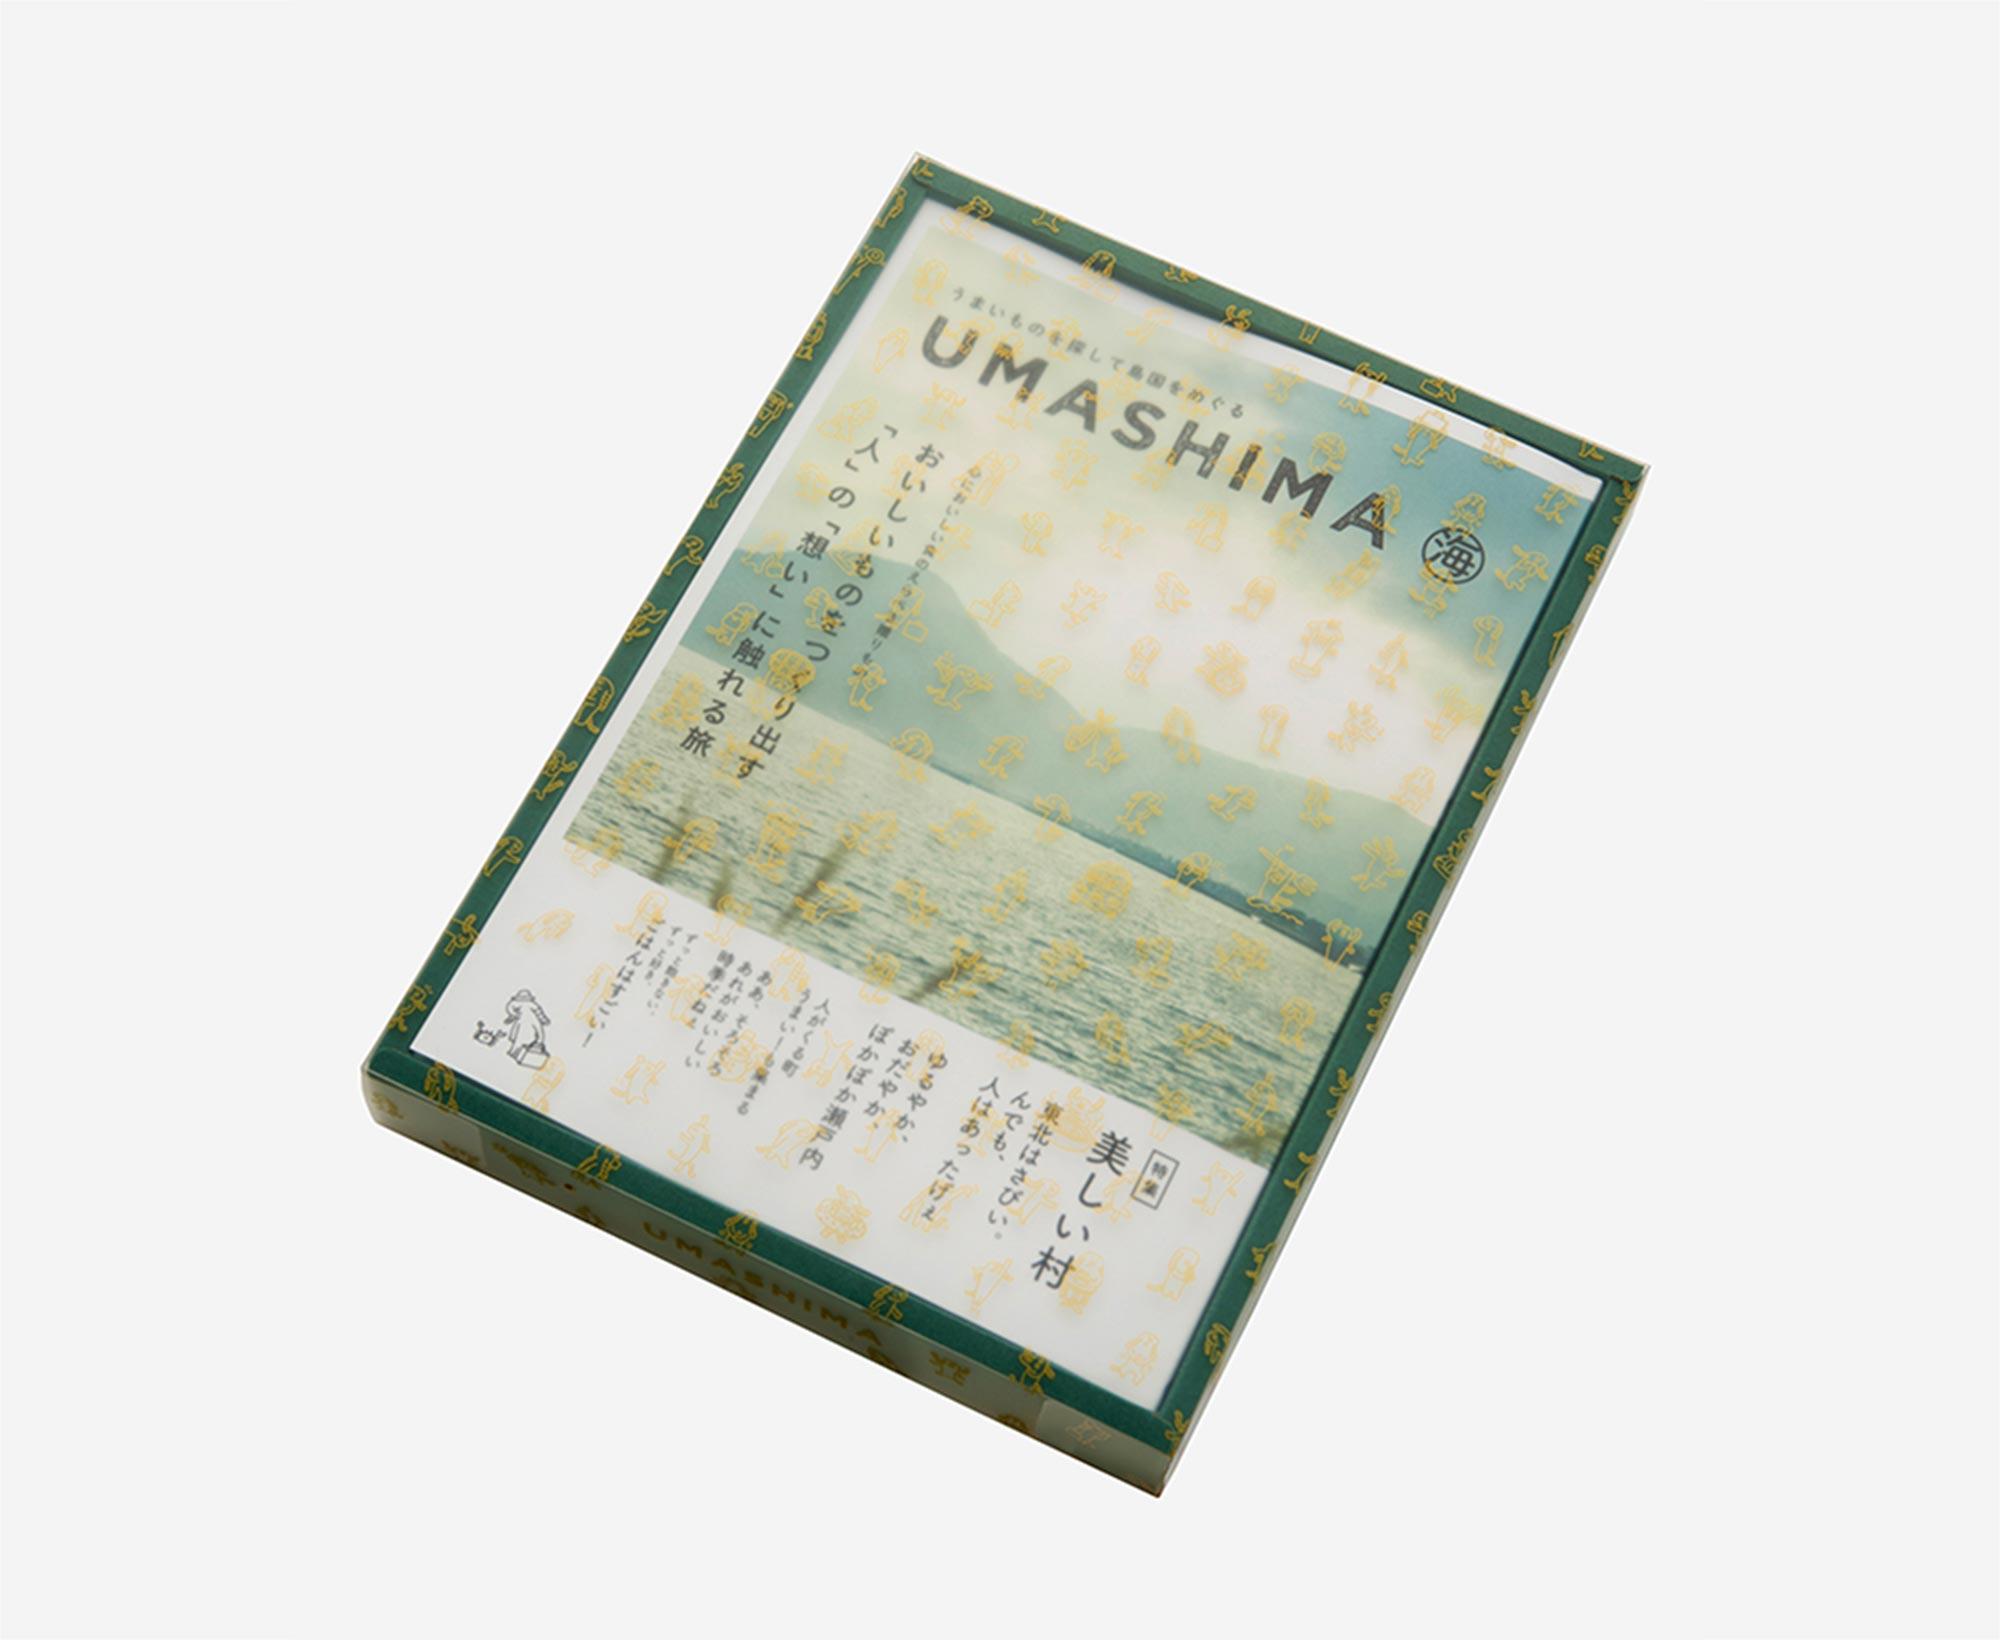 カタログギフト/ウマシマ/海 1